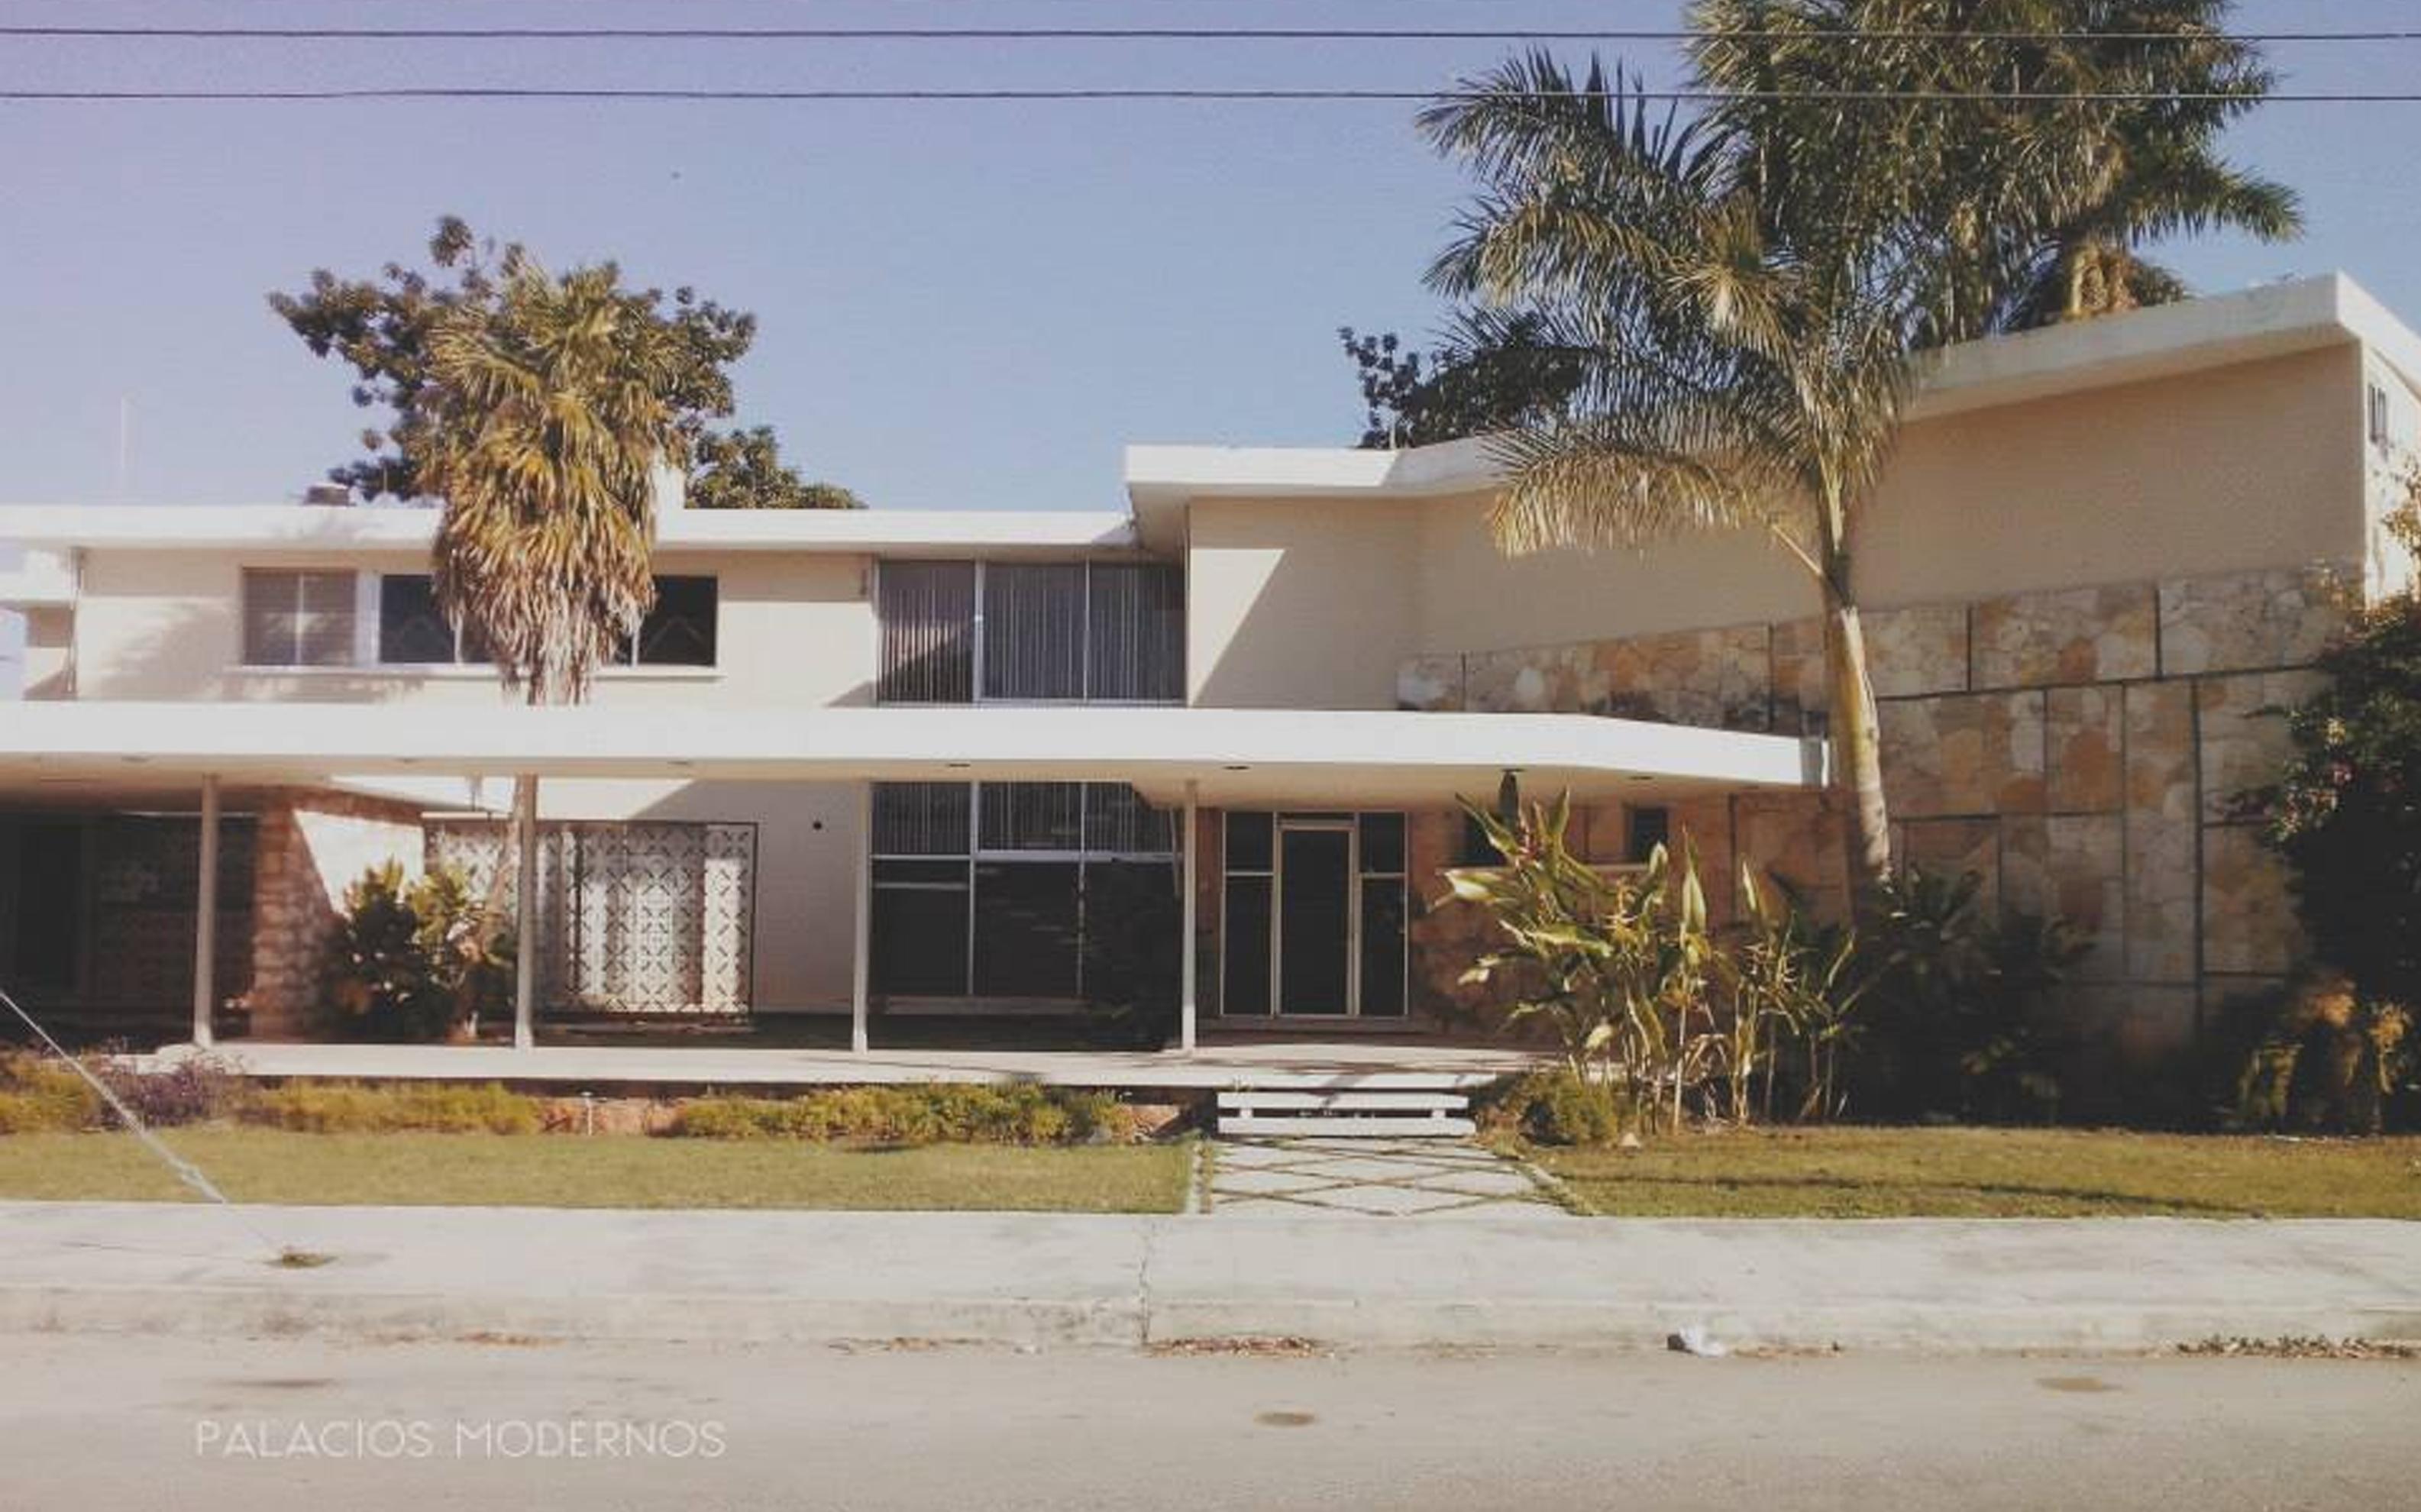 Casa de la Colonia México en la Calle 19, puede ver más del trabajo fotográfico en el Facebook de Palacios Modernos.